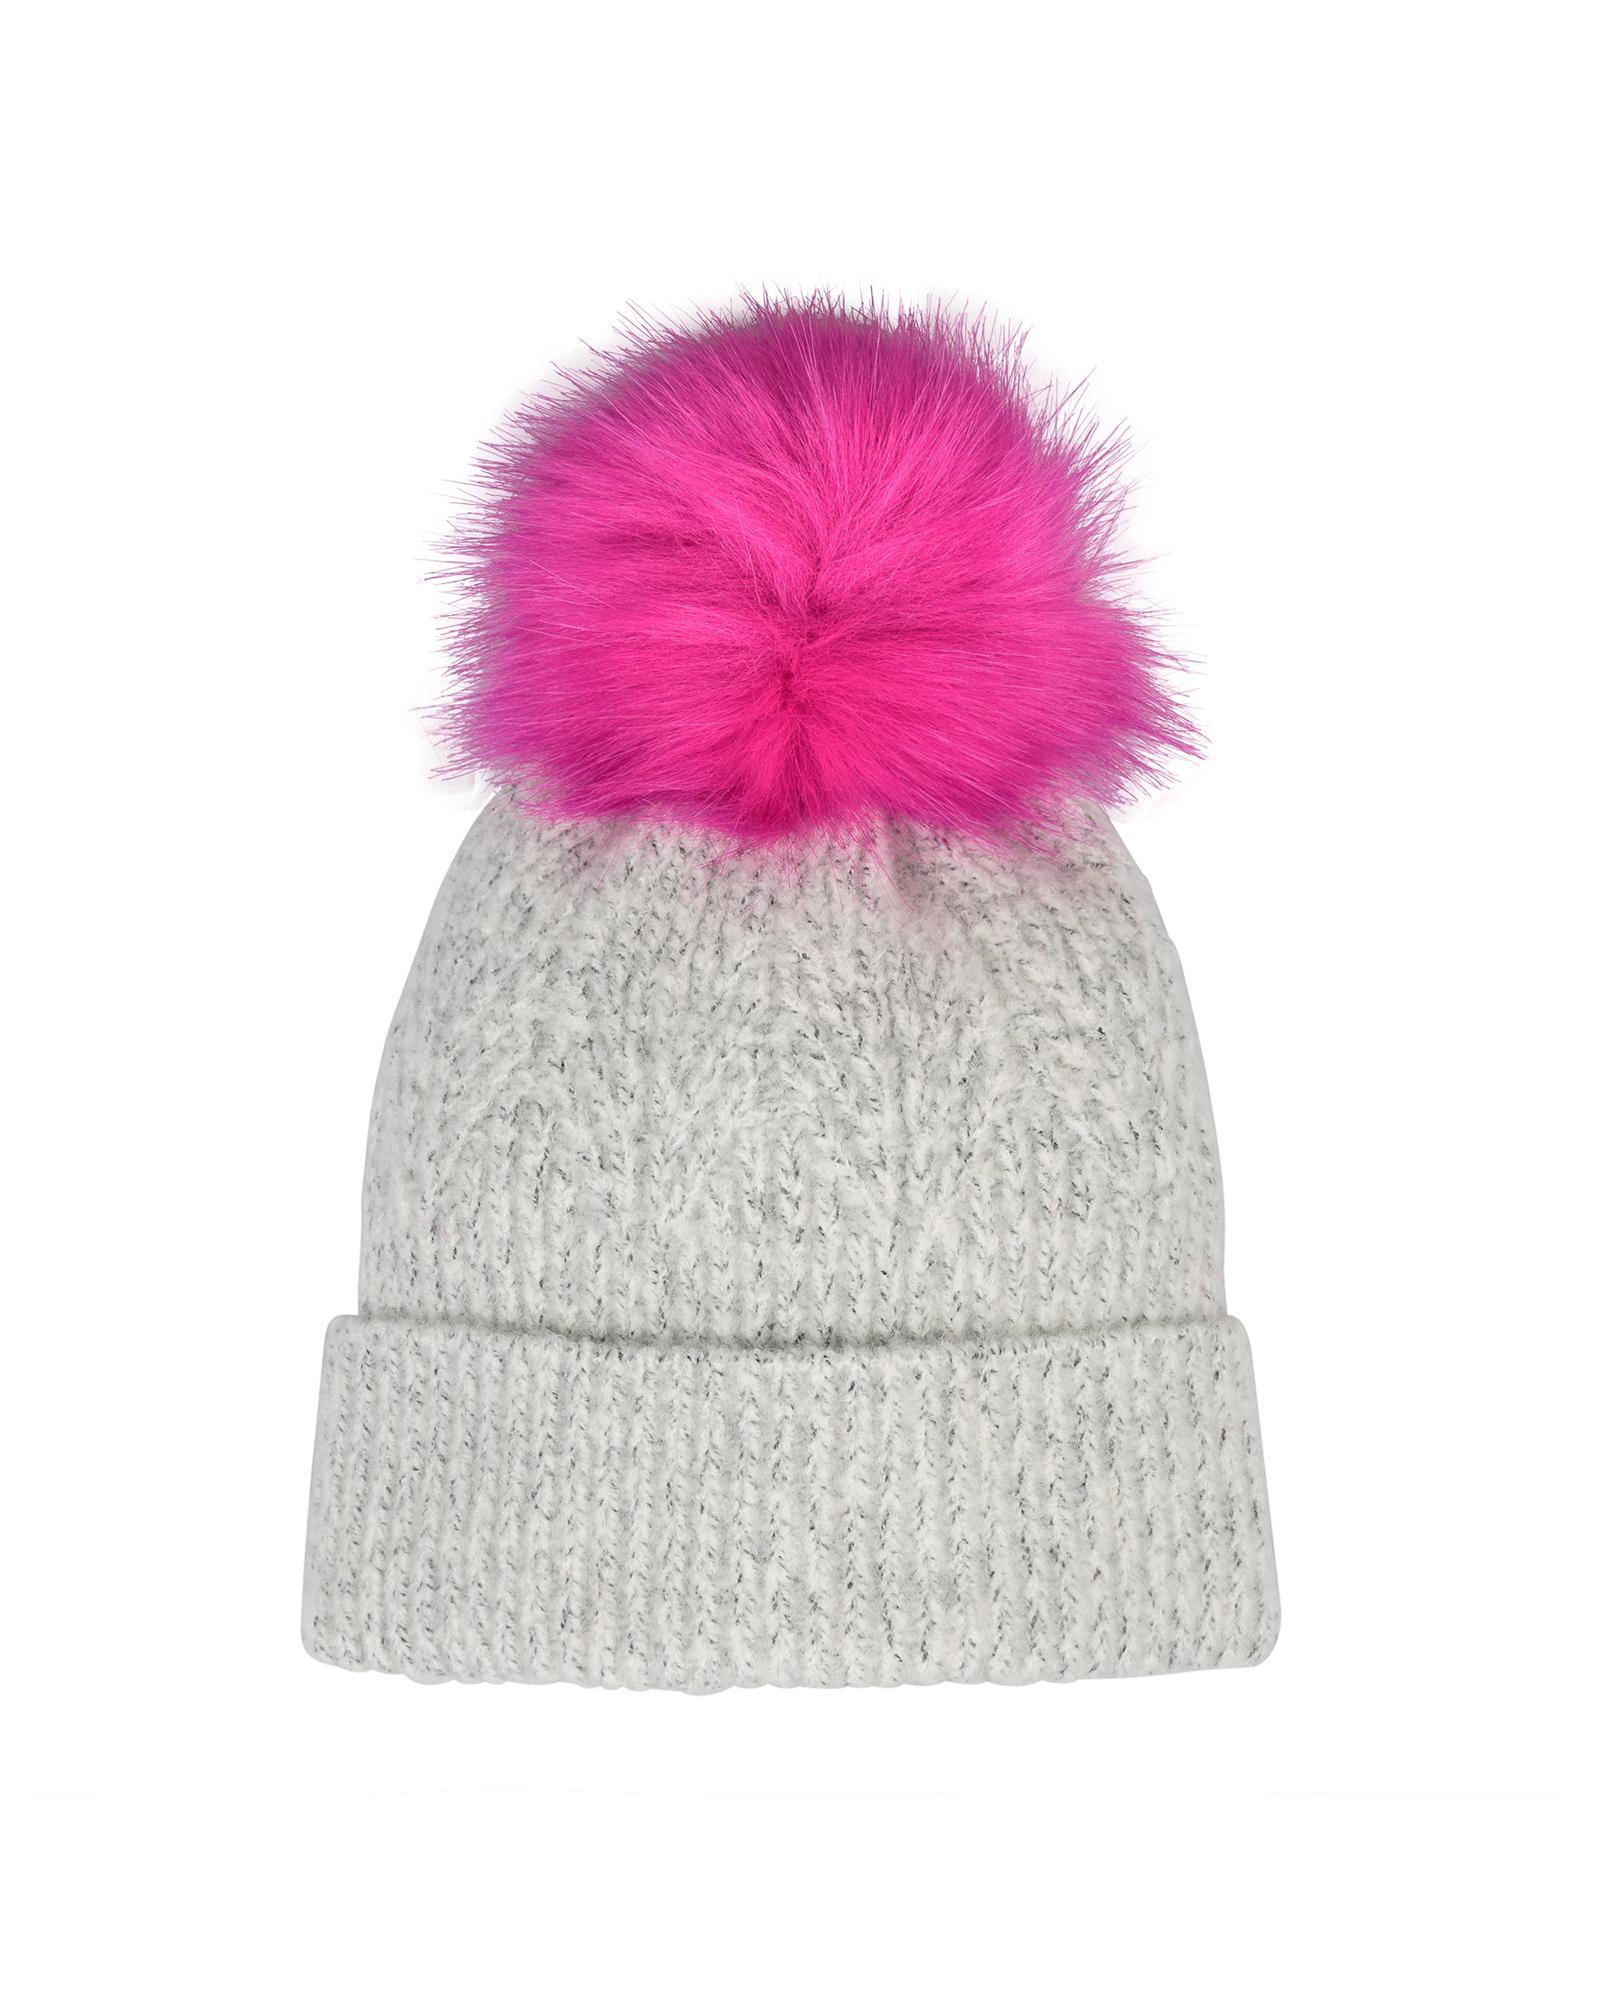 c5237011c Leaf Knit Faux Fur Pom Grey & Pink Beanie Hat